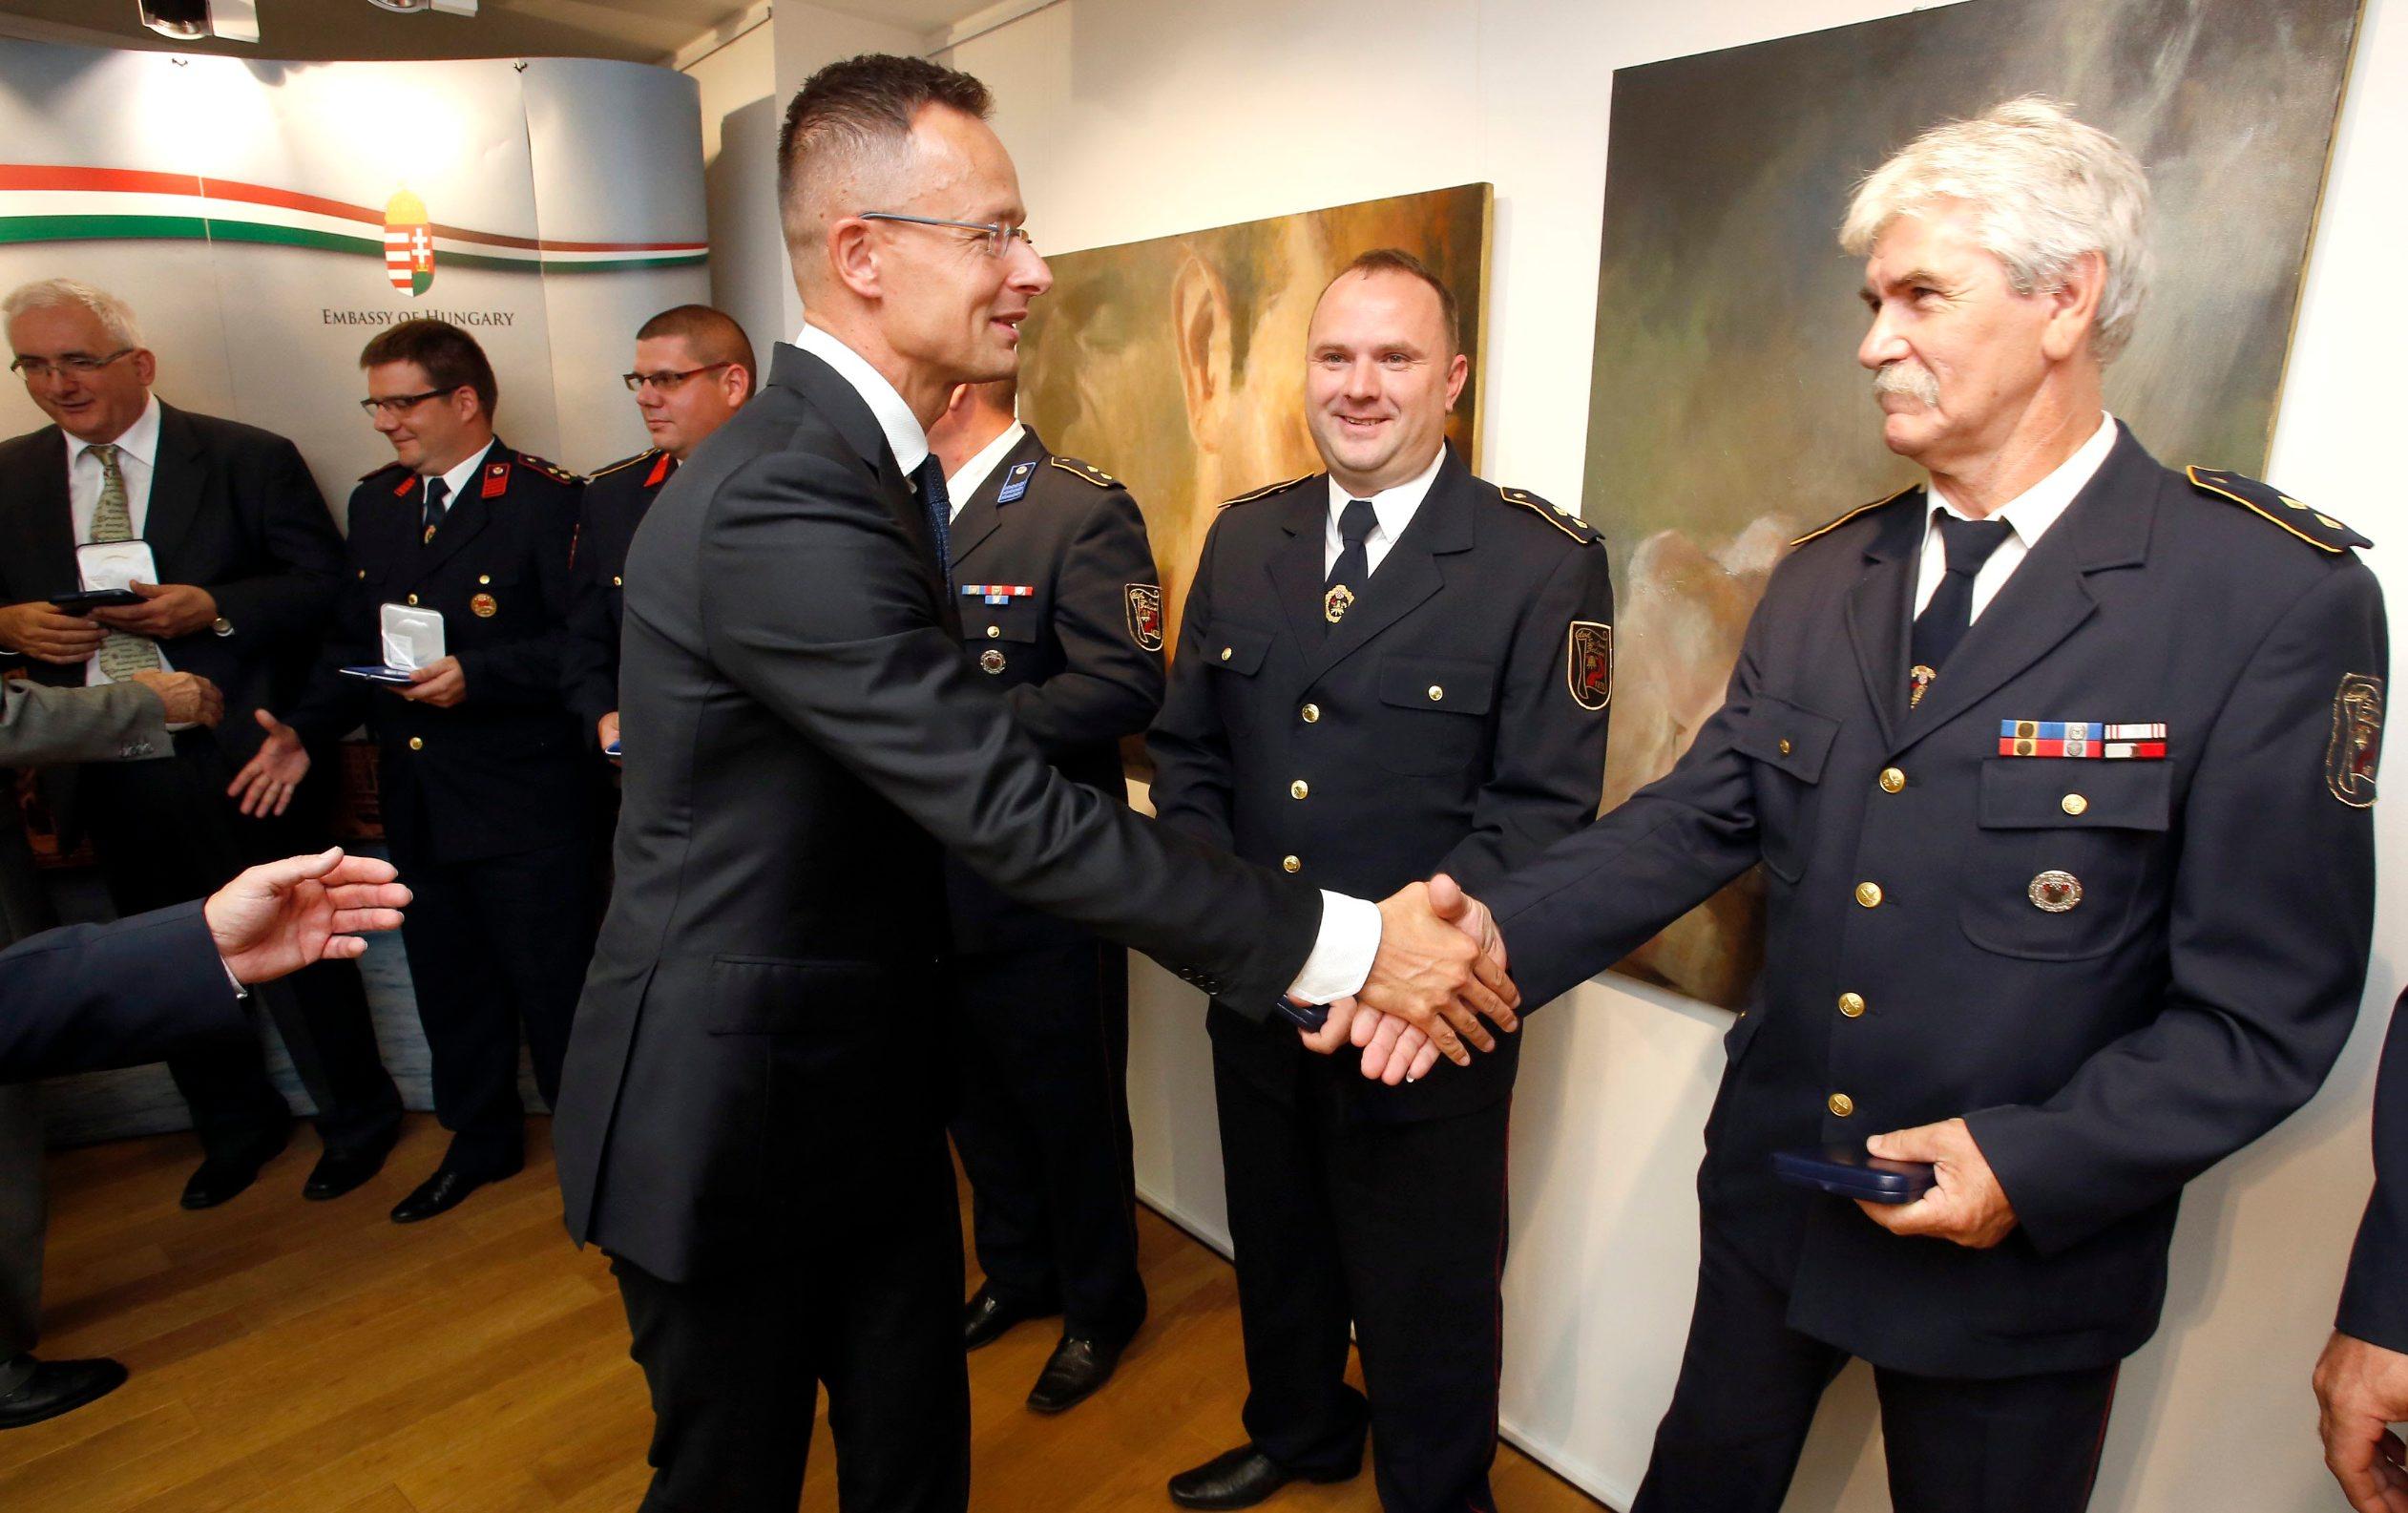 Mađarski ministar uručio je vatrogascima i liječnicima srebrne plakete za iskazanu hrabrost i stručnost